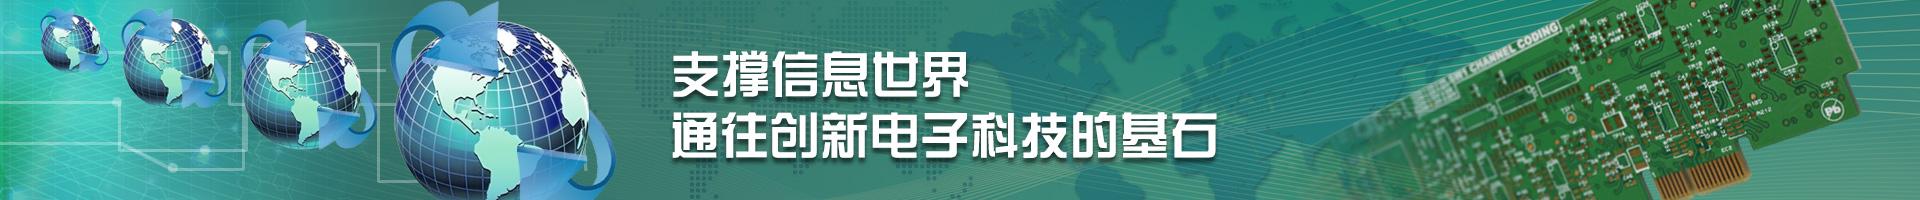 深圳市汇合电路有限公司